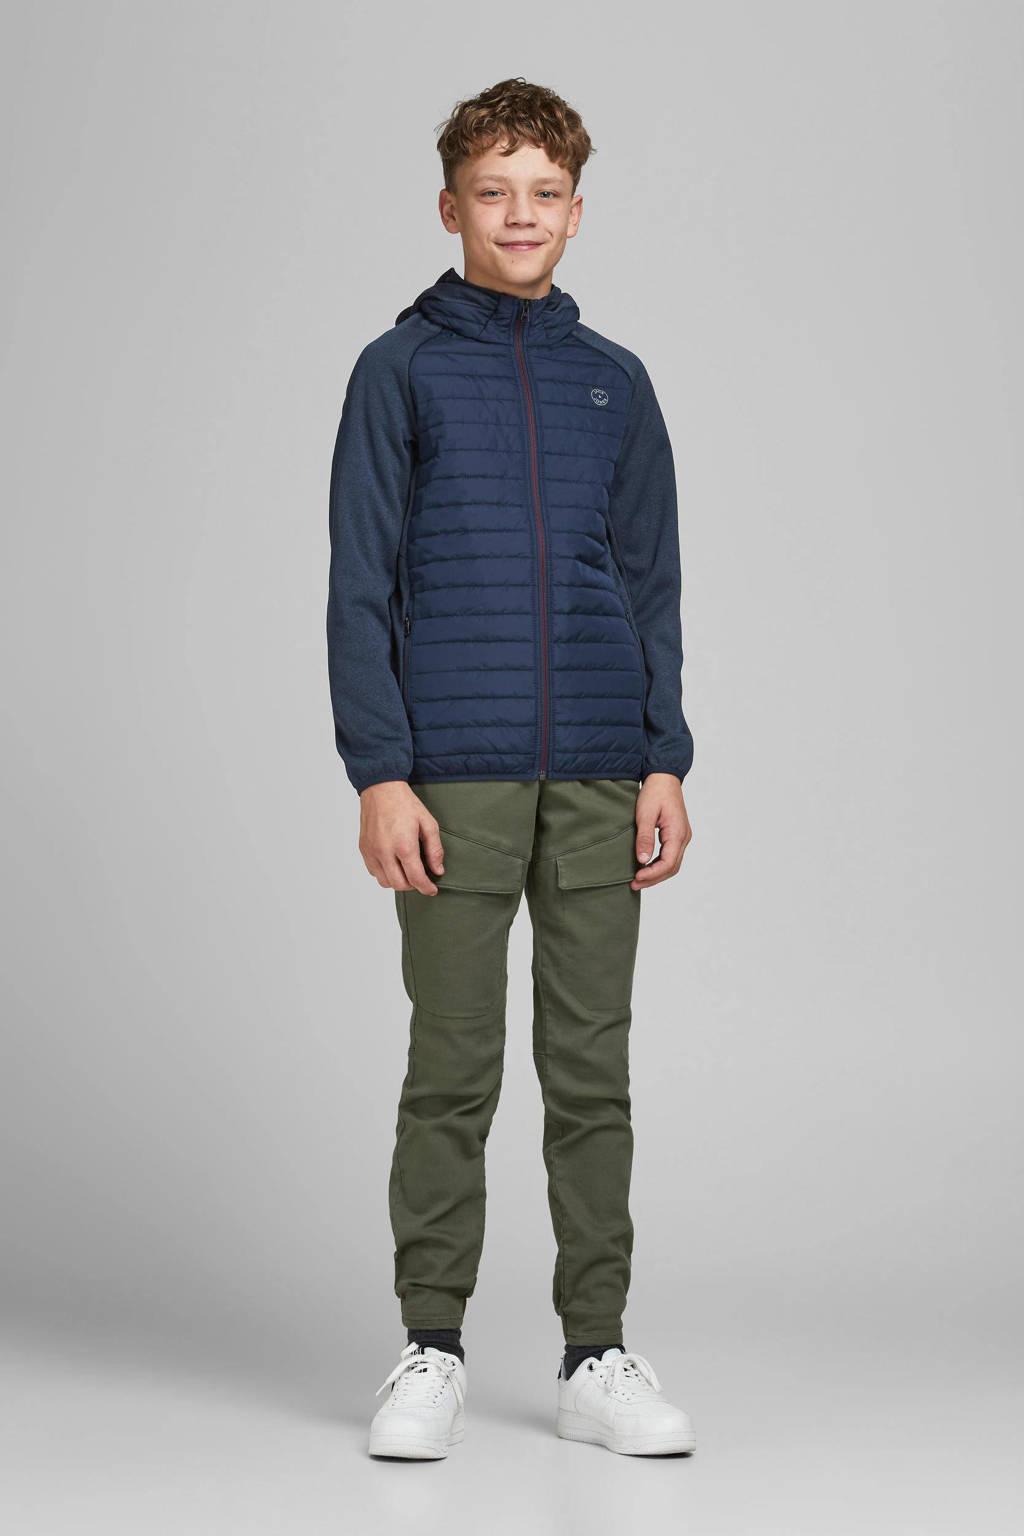 JACK & JONES JUNIOR gewatteerde jas Multi donkerblauw/donkerrood, Donkerblauw/donkerrood